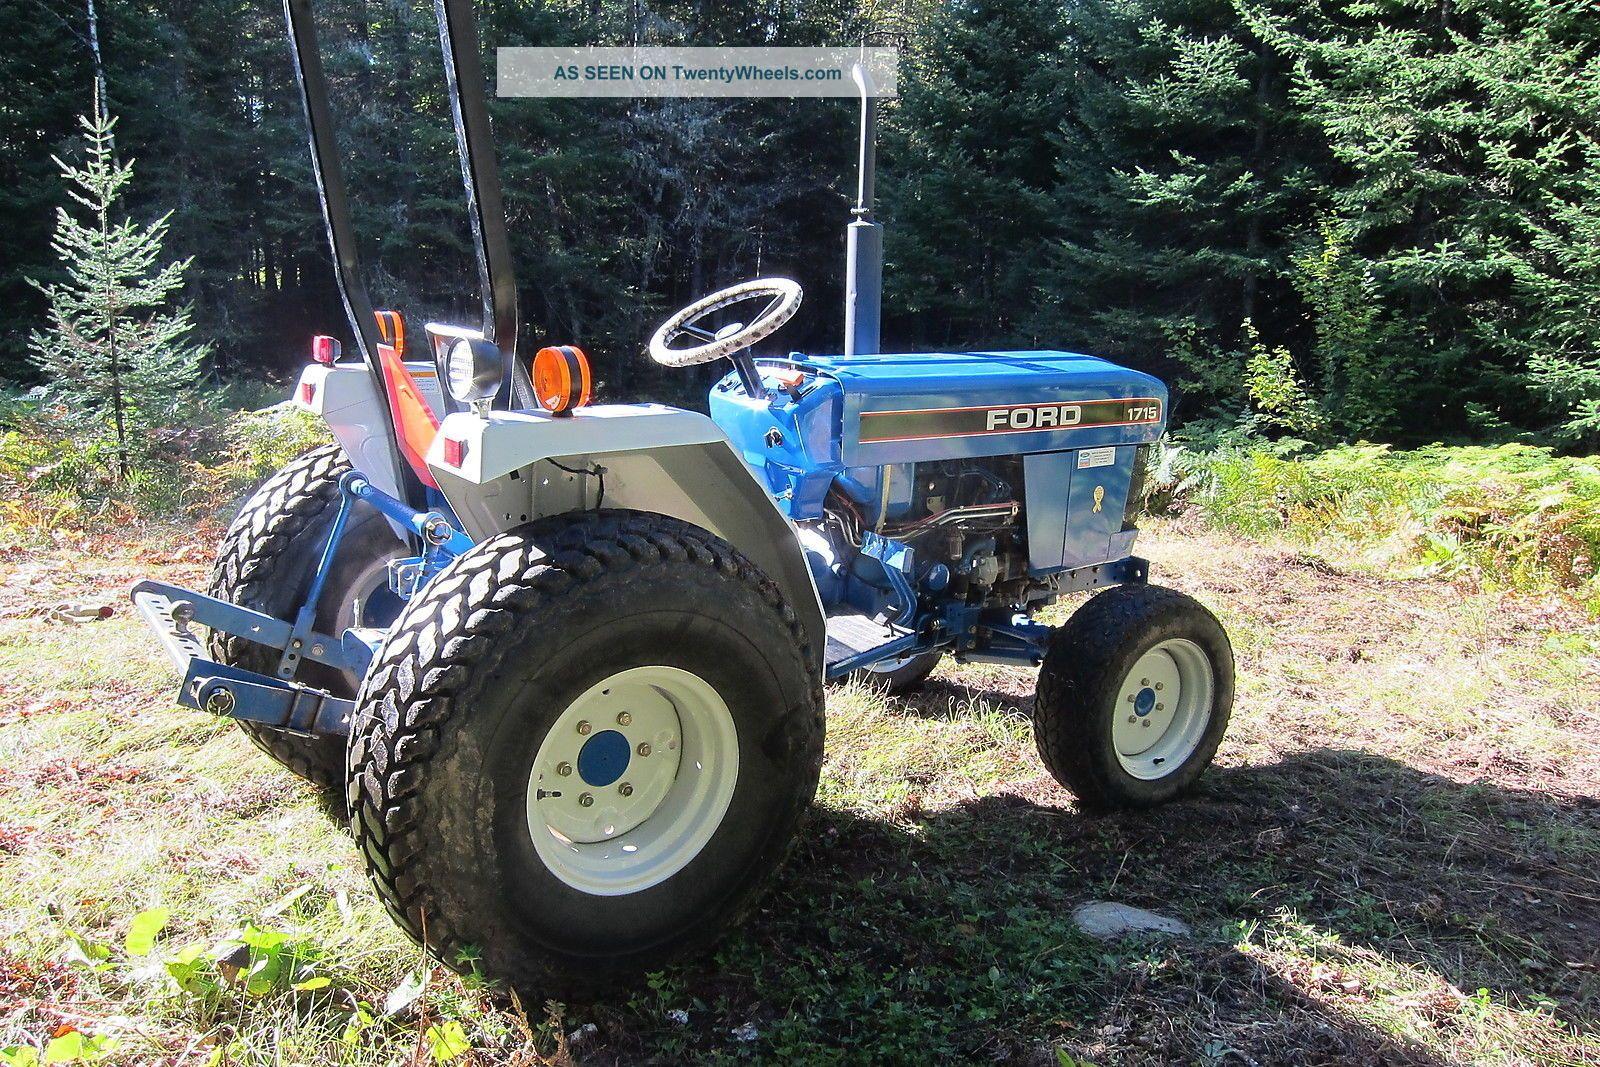 Ford Holland Diesel Tractor Farm Garden Turf Tires Utility Lgw